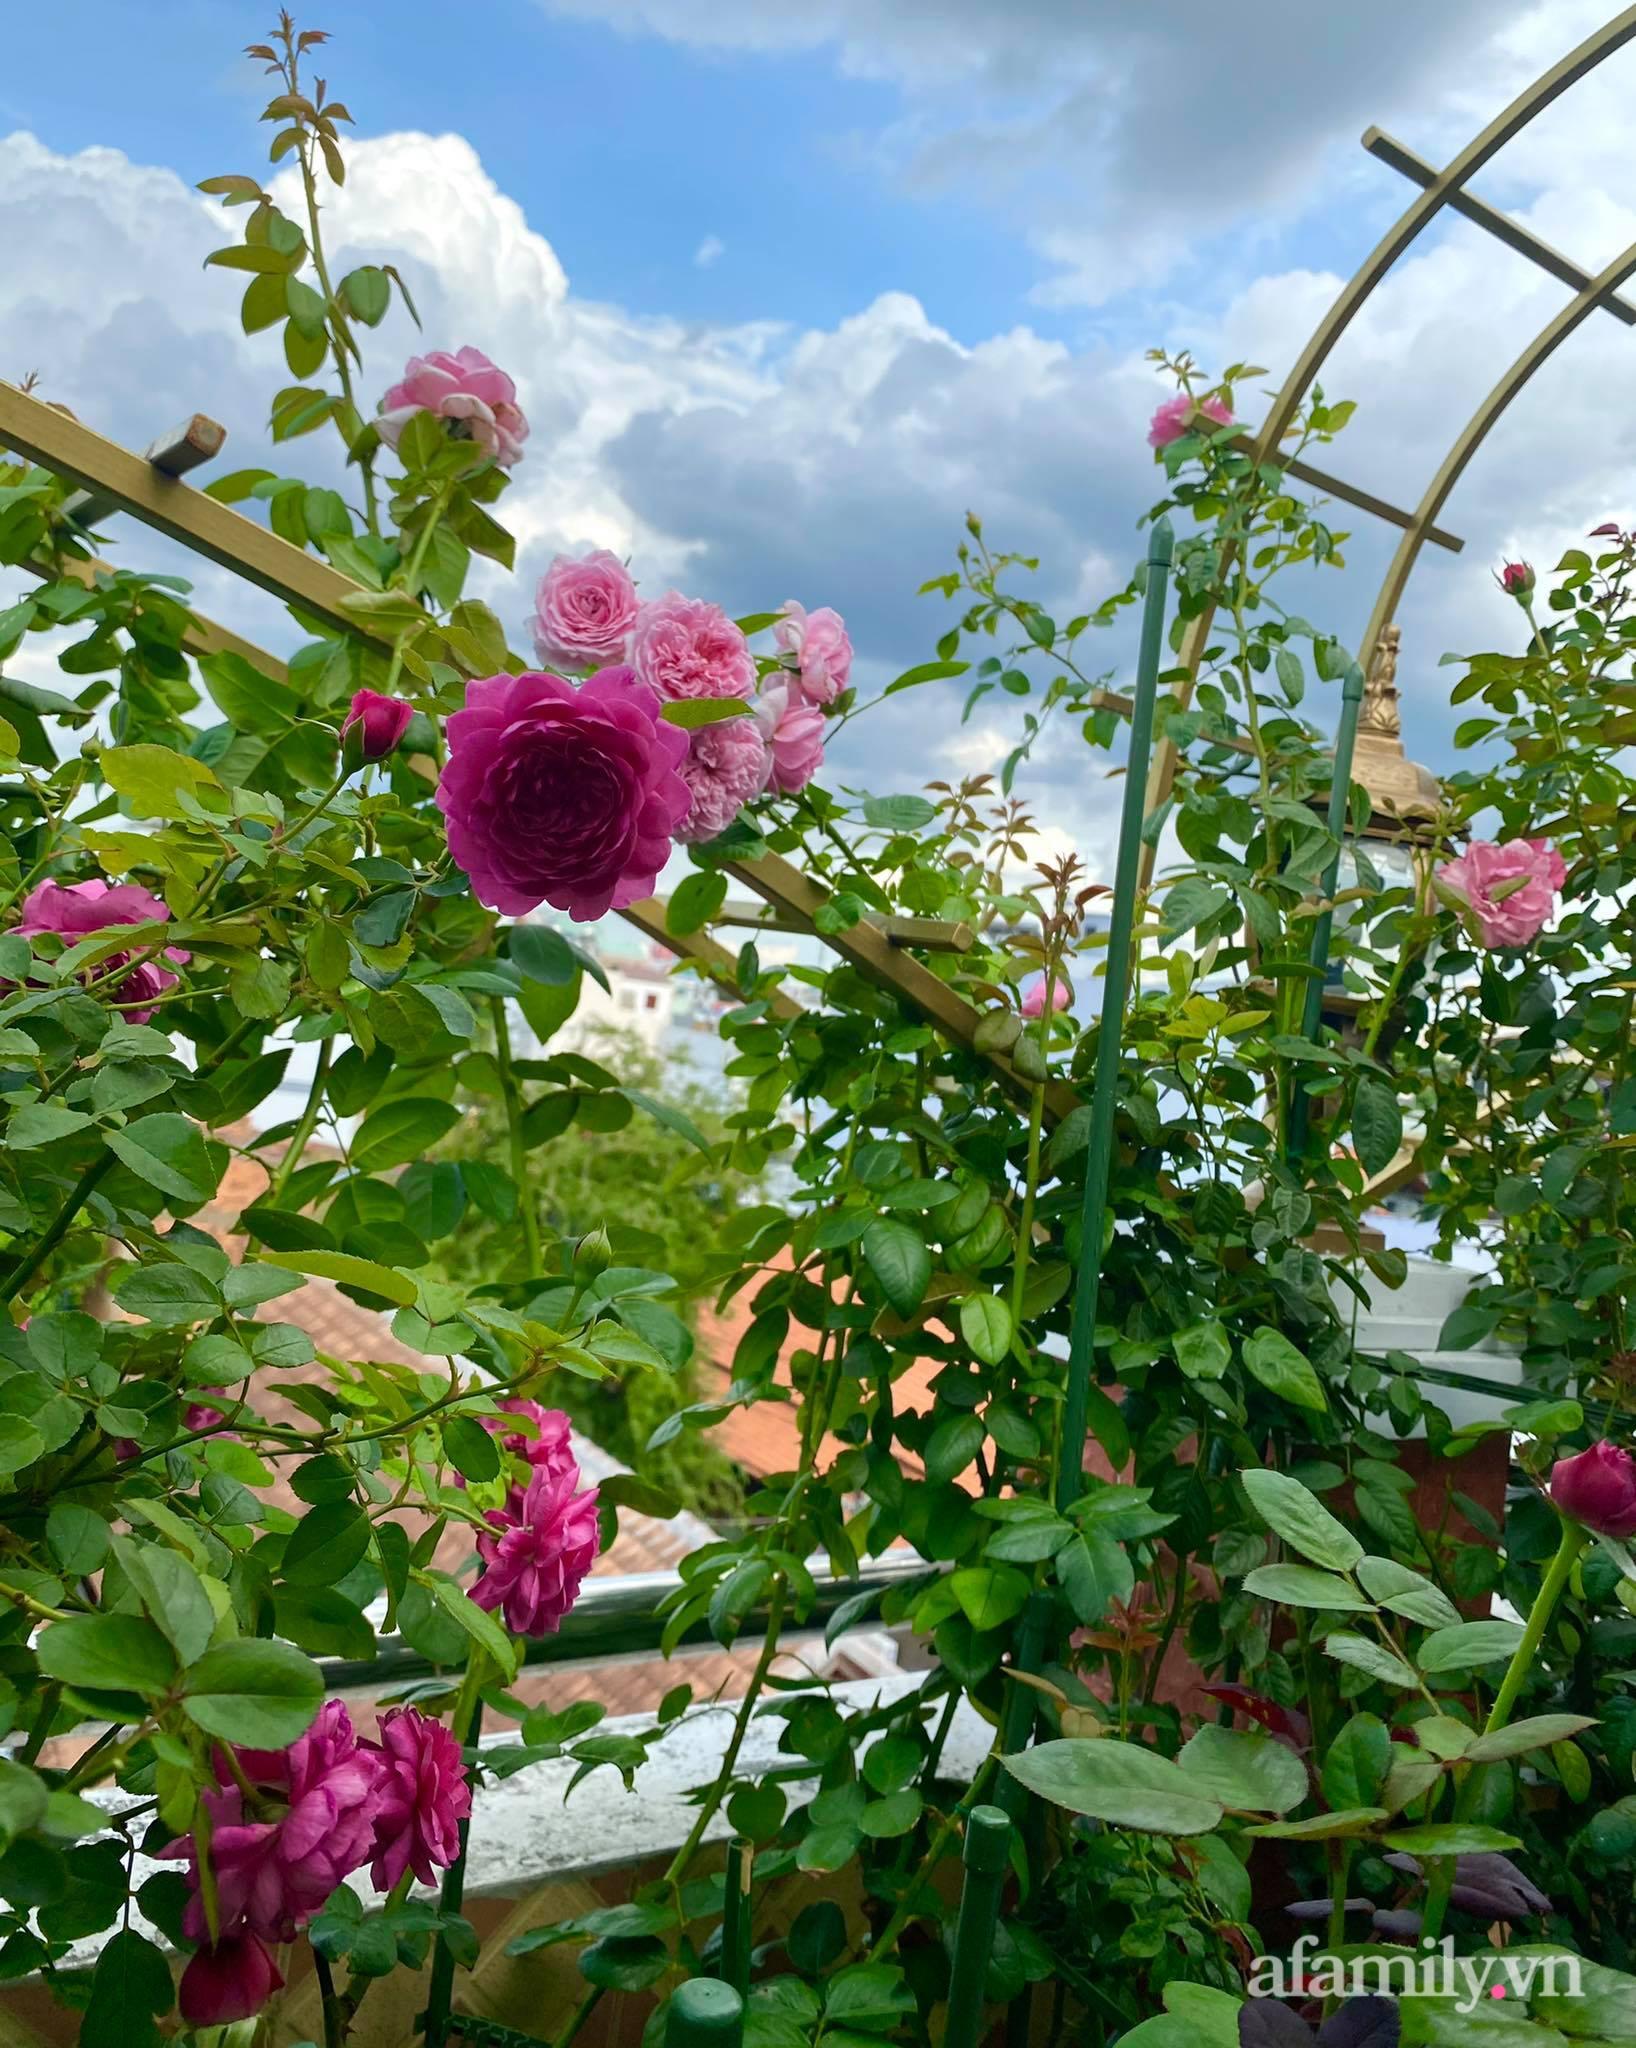 Sân thượng phủ kín hoa hồng và rau quả sạch ở Sài Gòn của Hoa hậu Janny Thủy Trần - ảnh 20